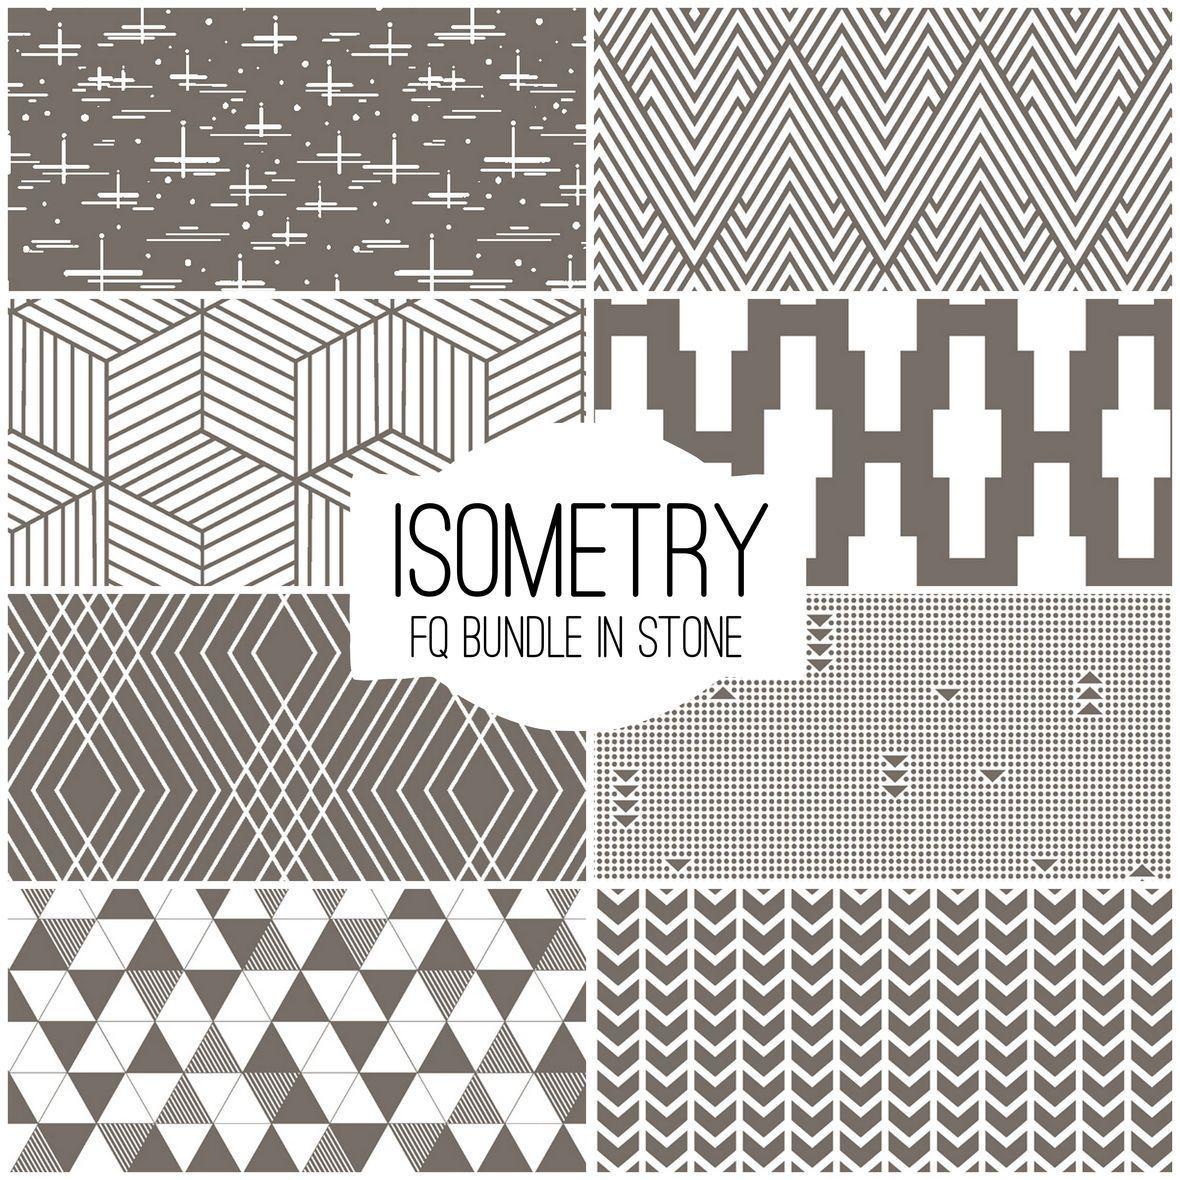 Isometry in Stone